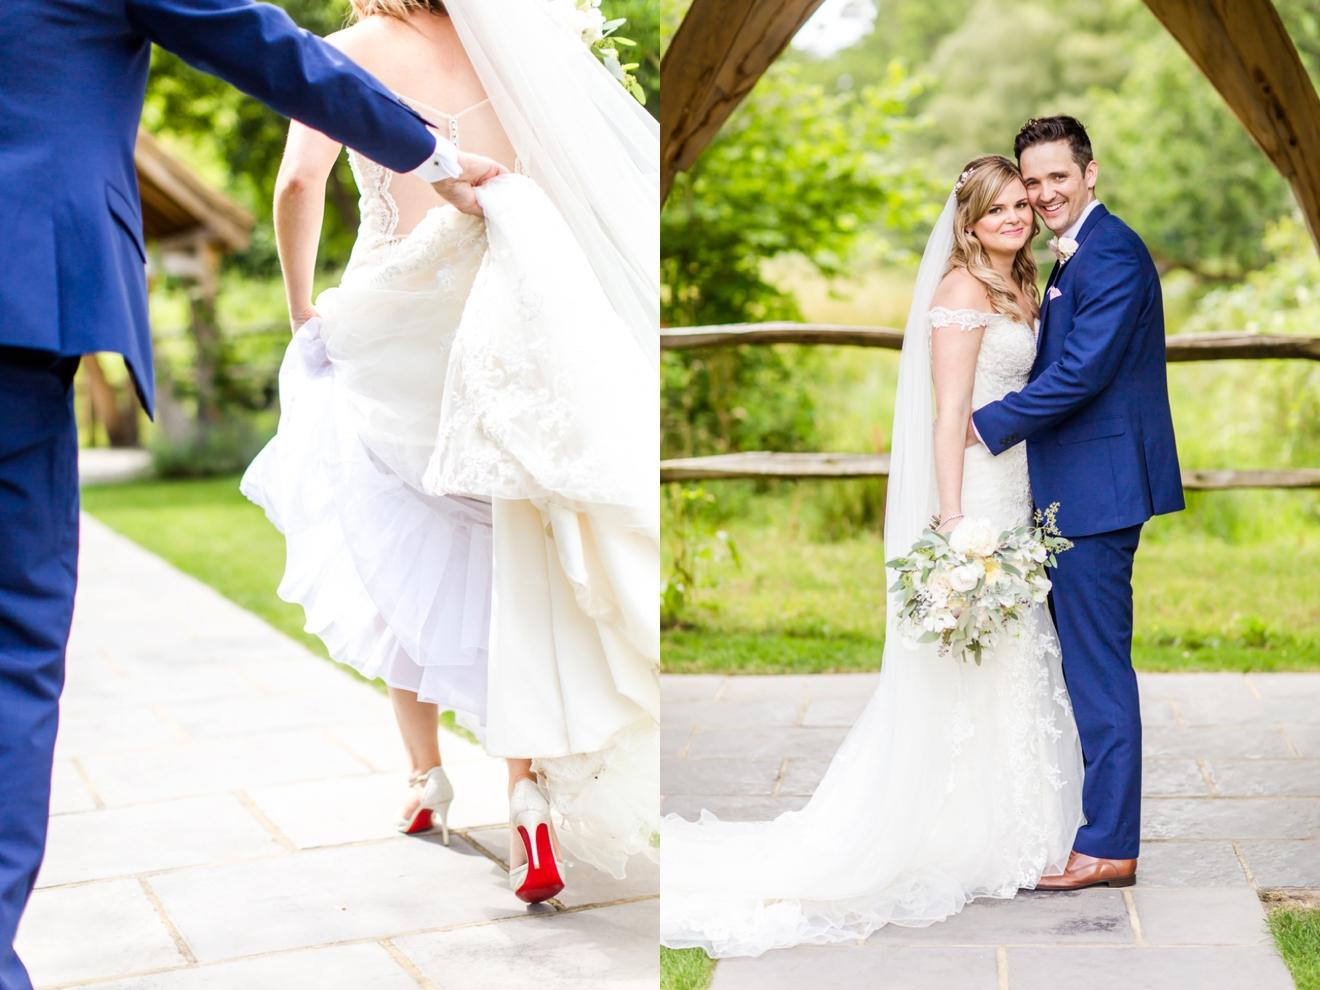 21-ClaireSam-Millbridge-Court-wedding-Eddie-Judd-Photography